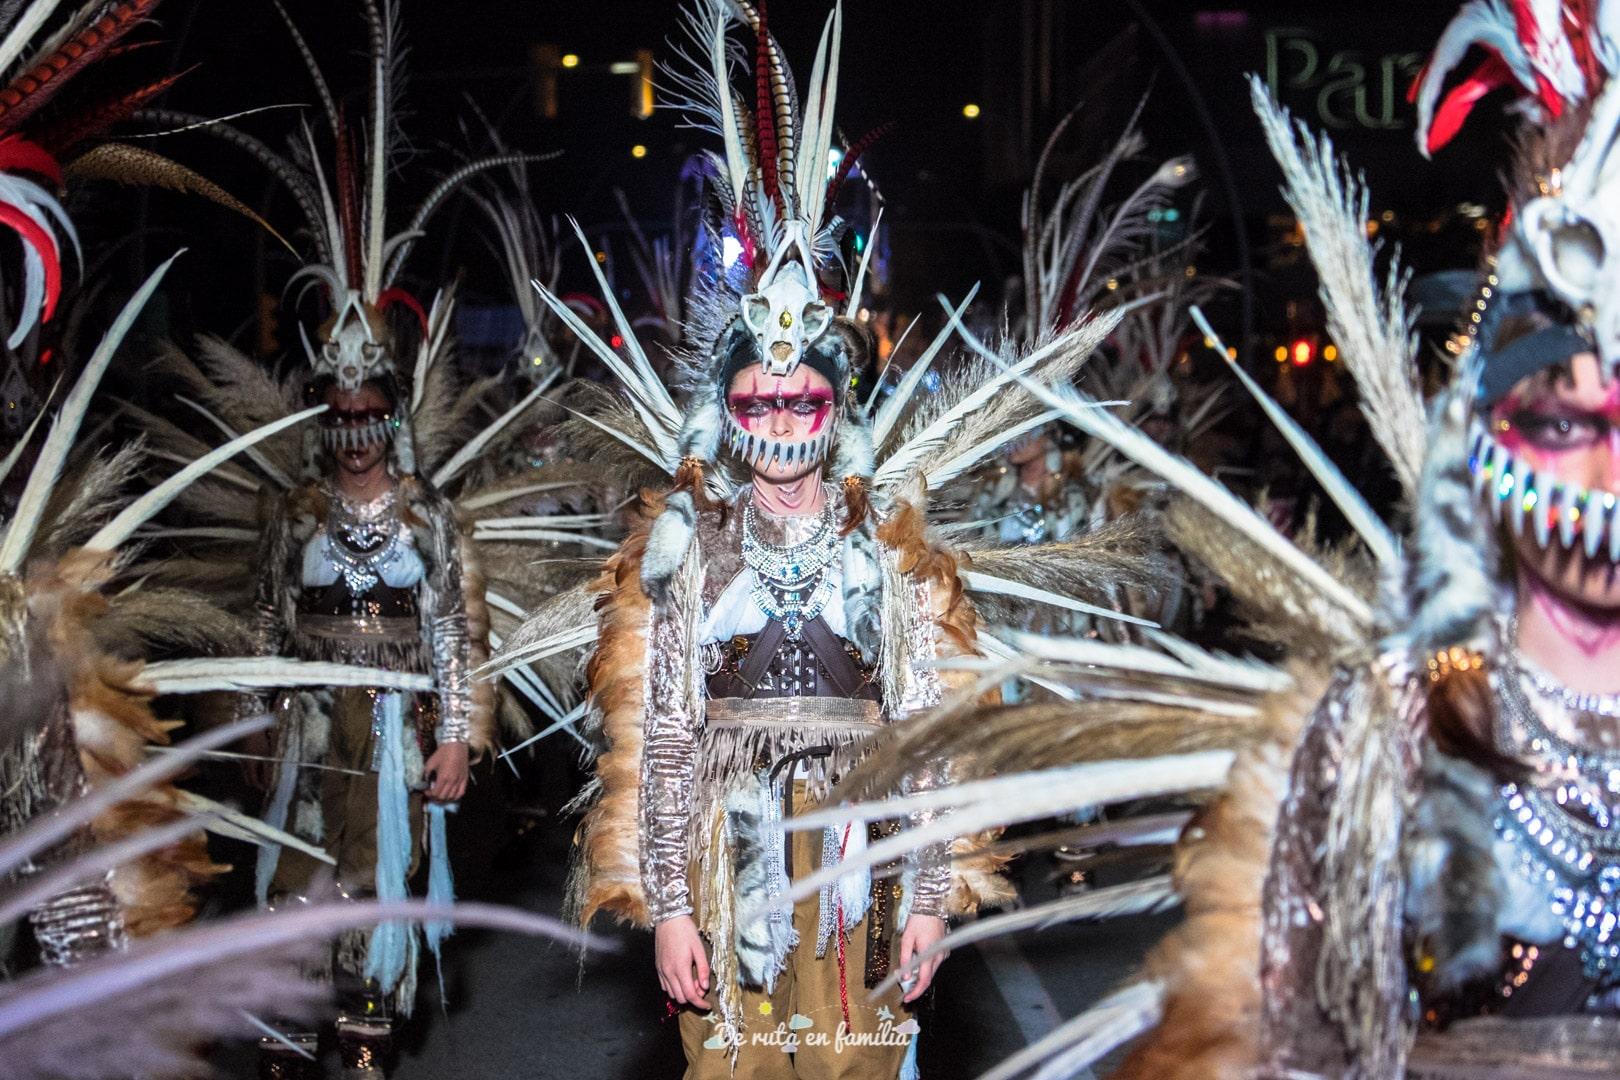 que fer tarragona tradicions carnaval